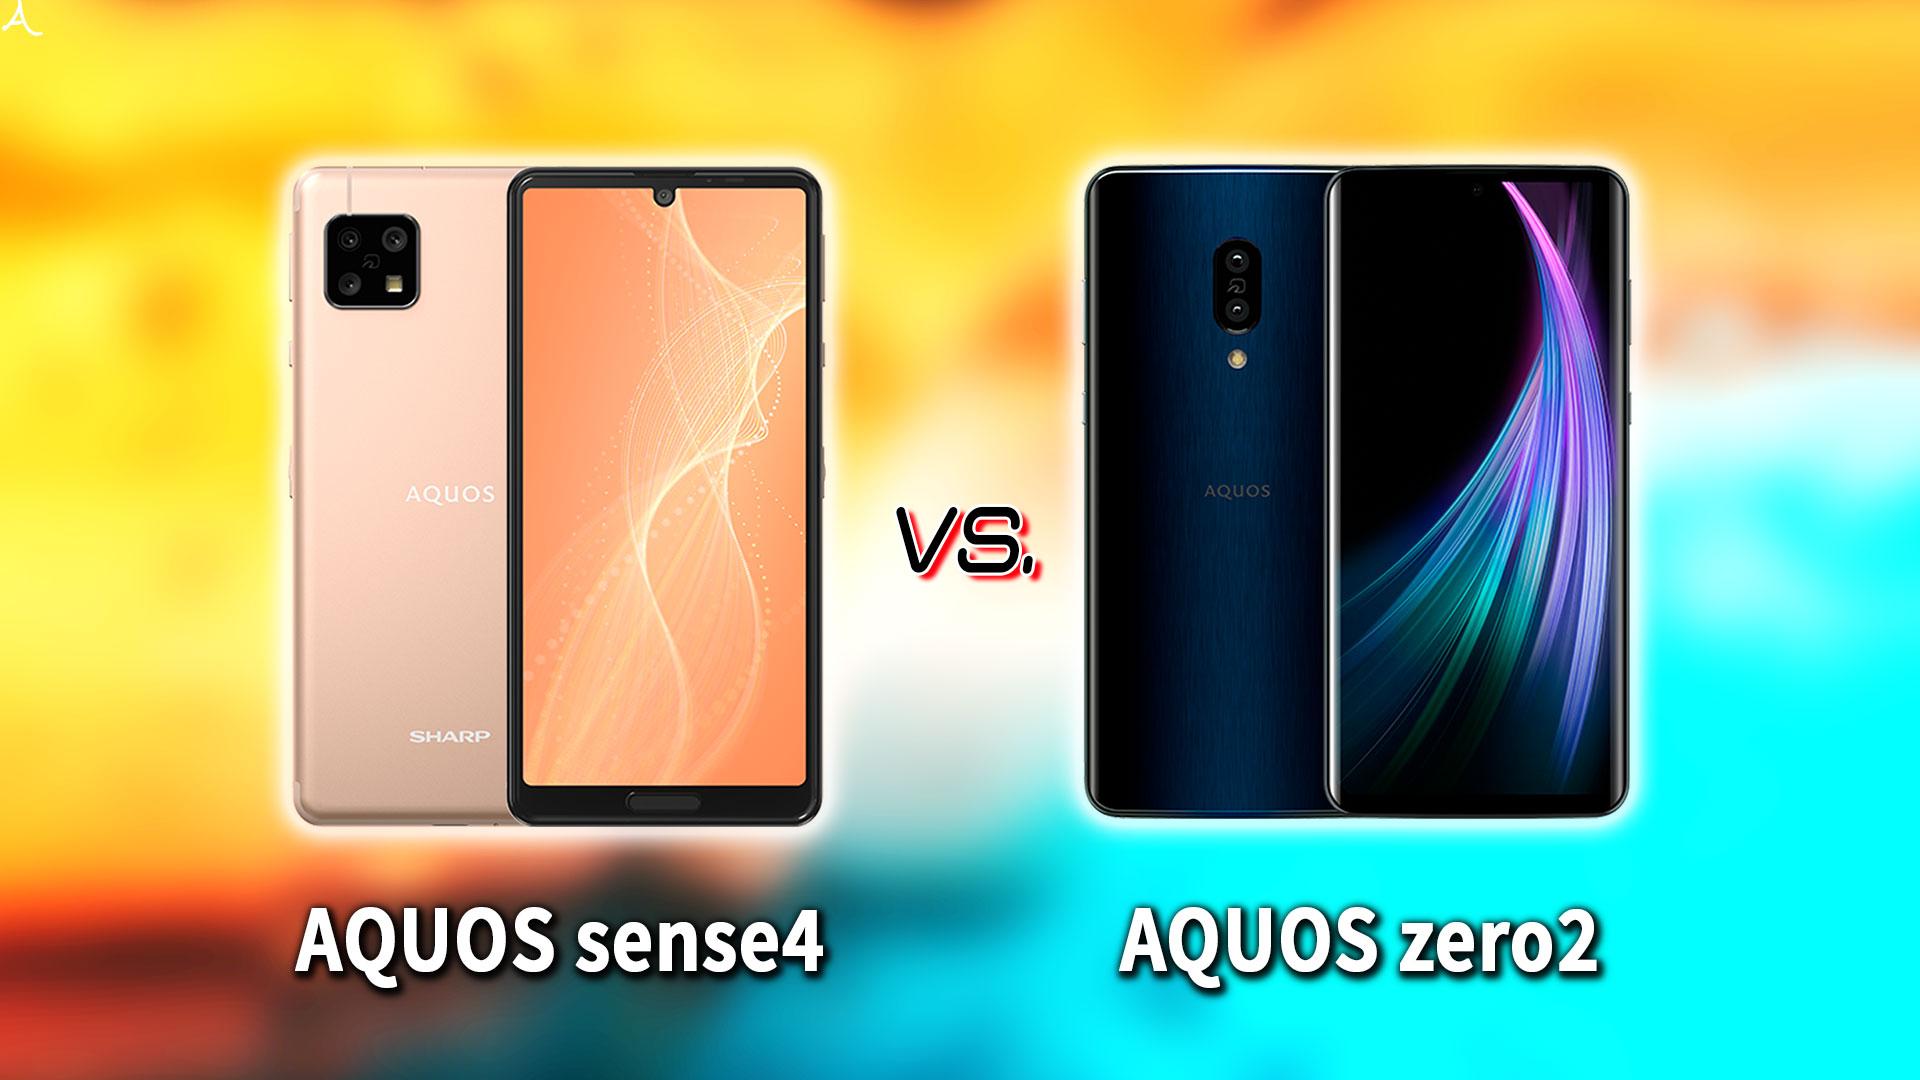 「AQUOS sense4」と「AQUOS zero2」の違いを比較:どっちを買う?